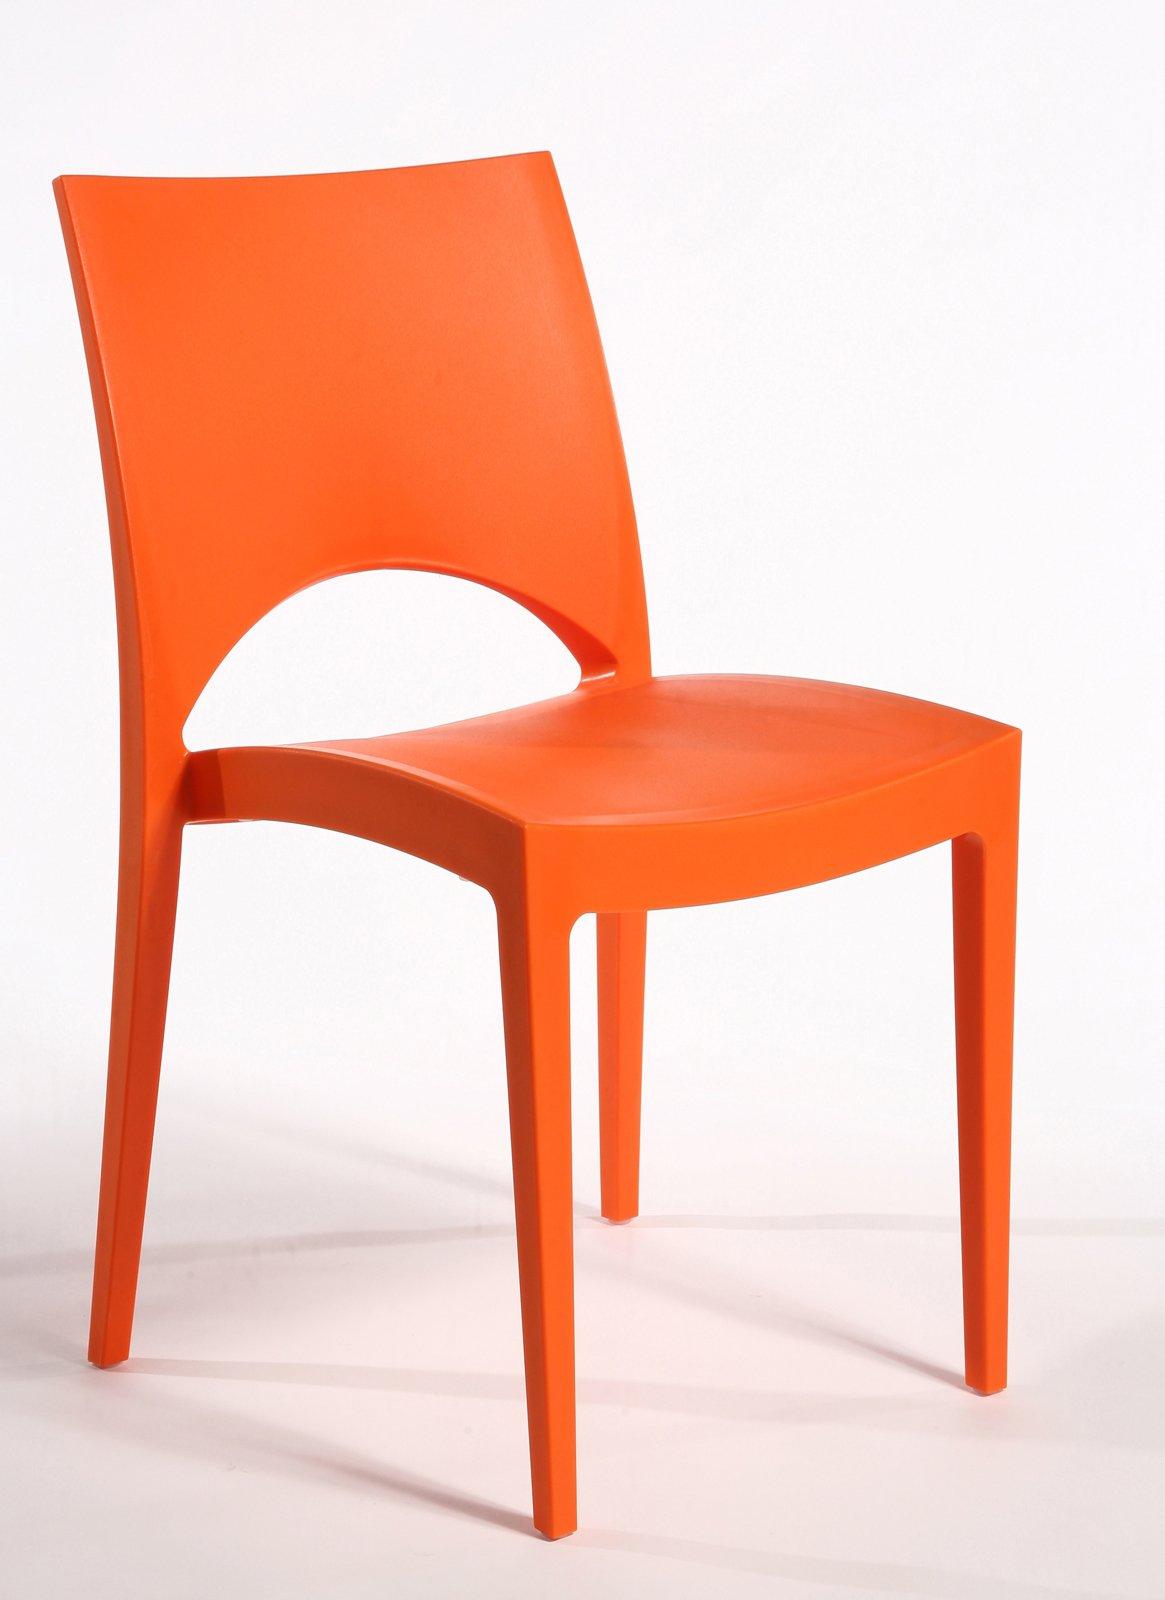 Sedie low cost 15 modelli a meno di 100 euro cose di casa - Sedia a dondolo prezzo ...